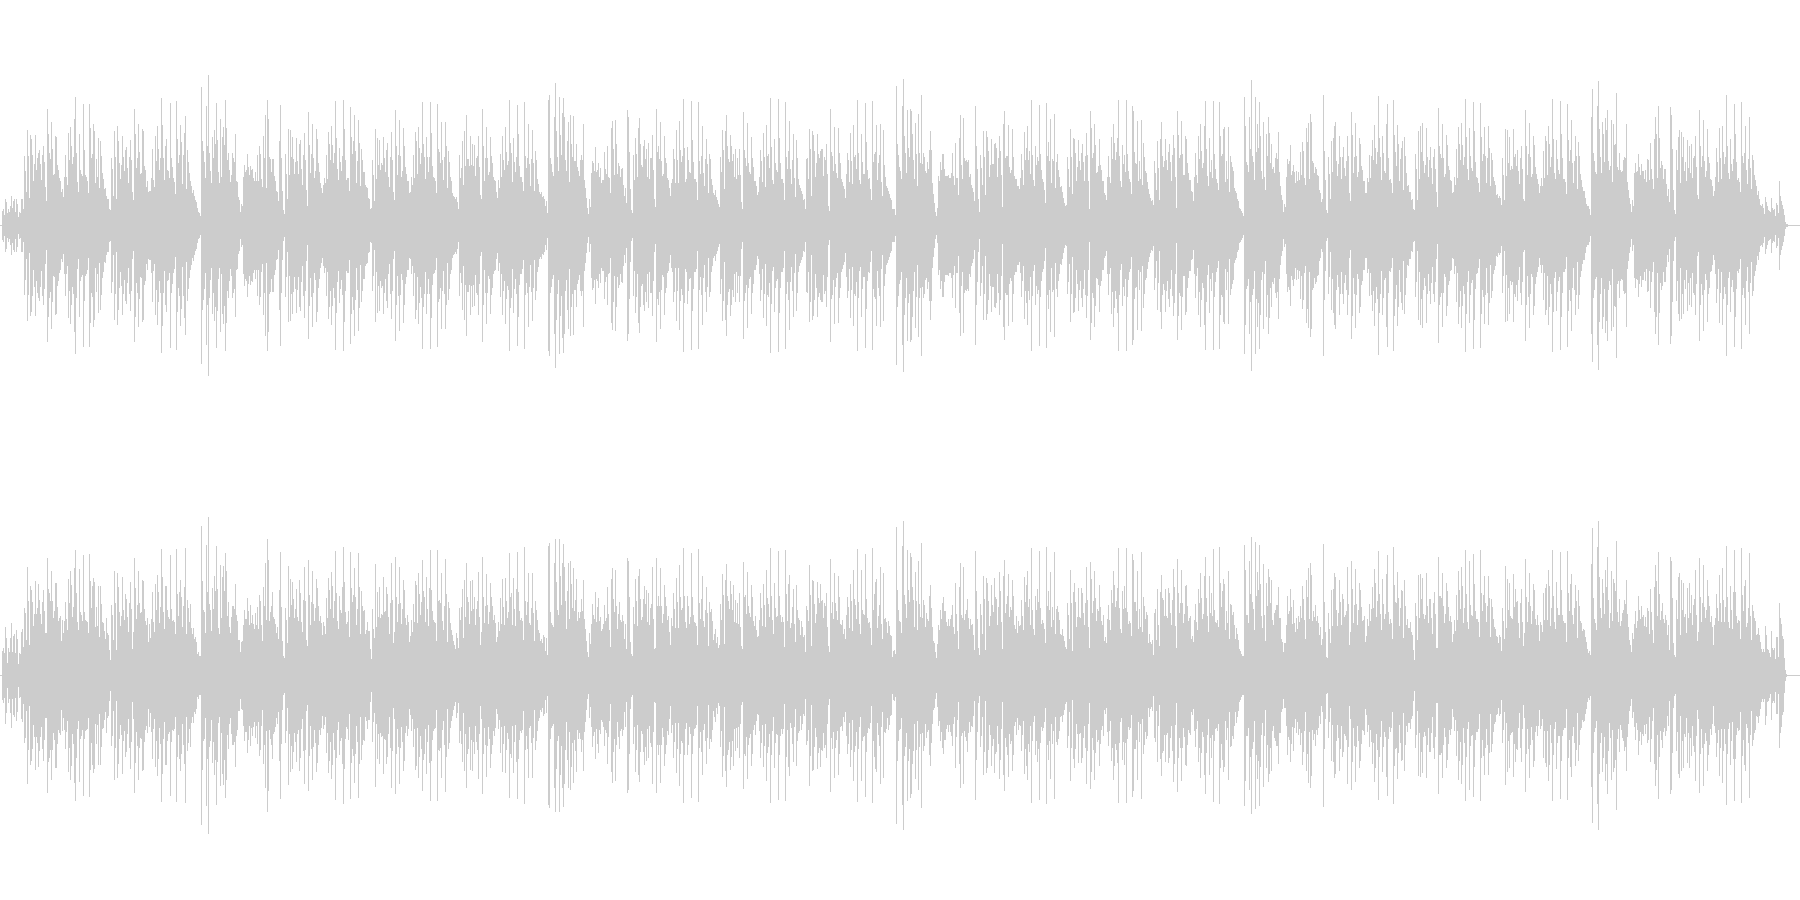 明るく陽気なピアノBGM・CMや映像にの未再生の波形